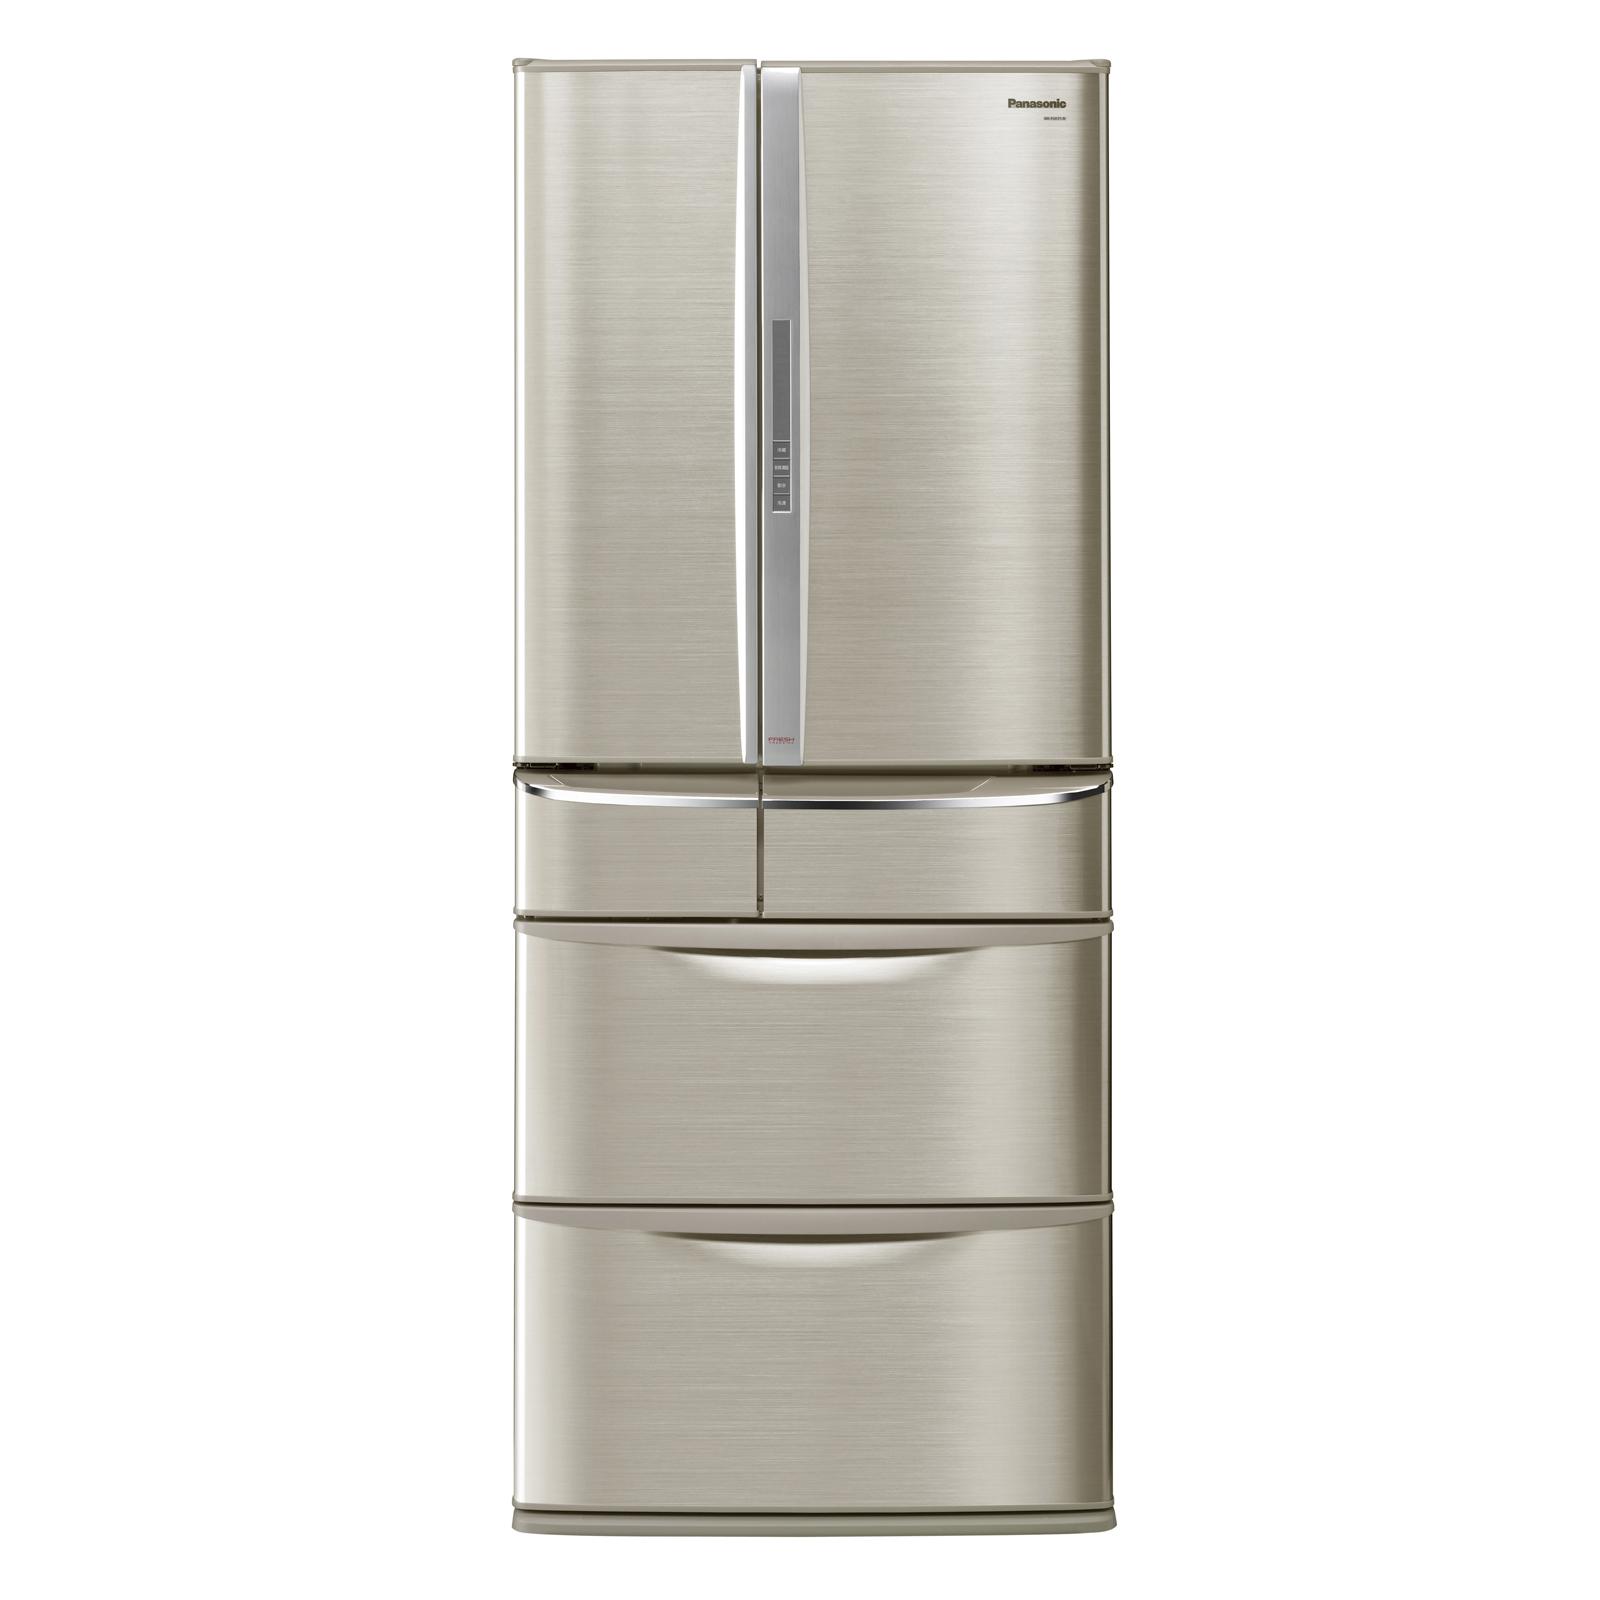 冷蔵庫が冷えないのは寿命!?冷蔵庫が冷えない理由と対処法は?のサムネイル画像